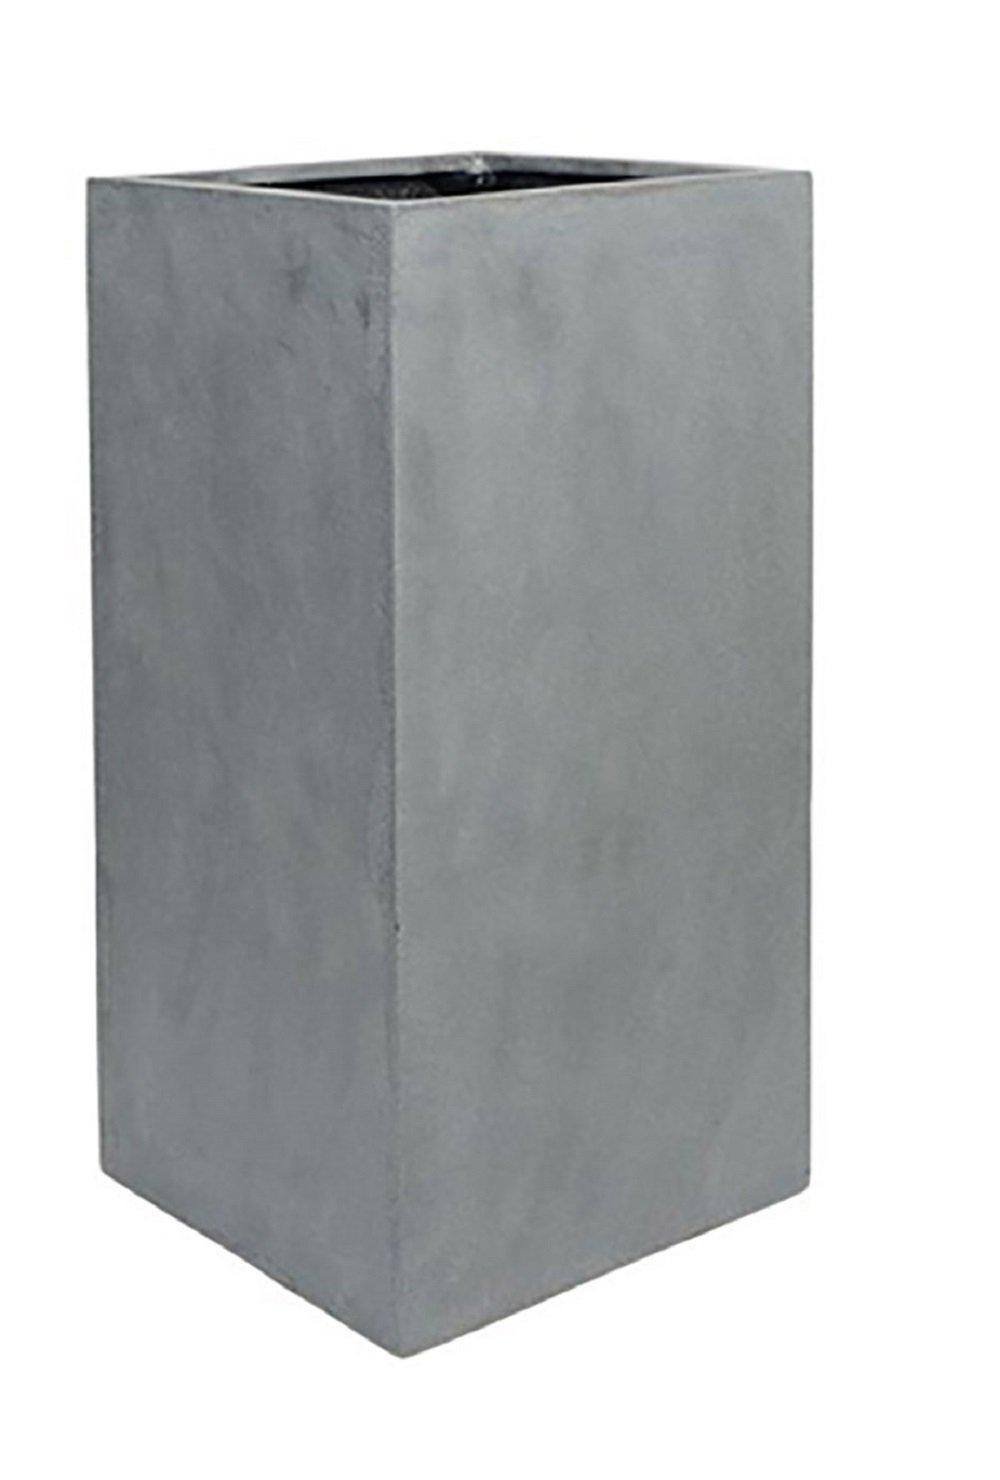 Elegant Tall Planter Sleek Grey Square Flower Pot Stand 31.5''H x 16''L X 16''W